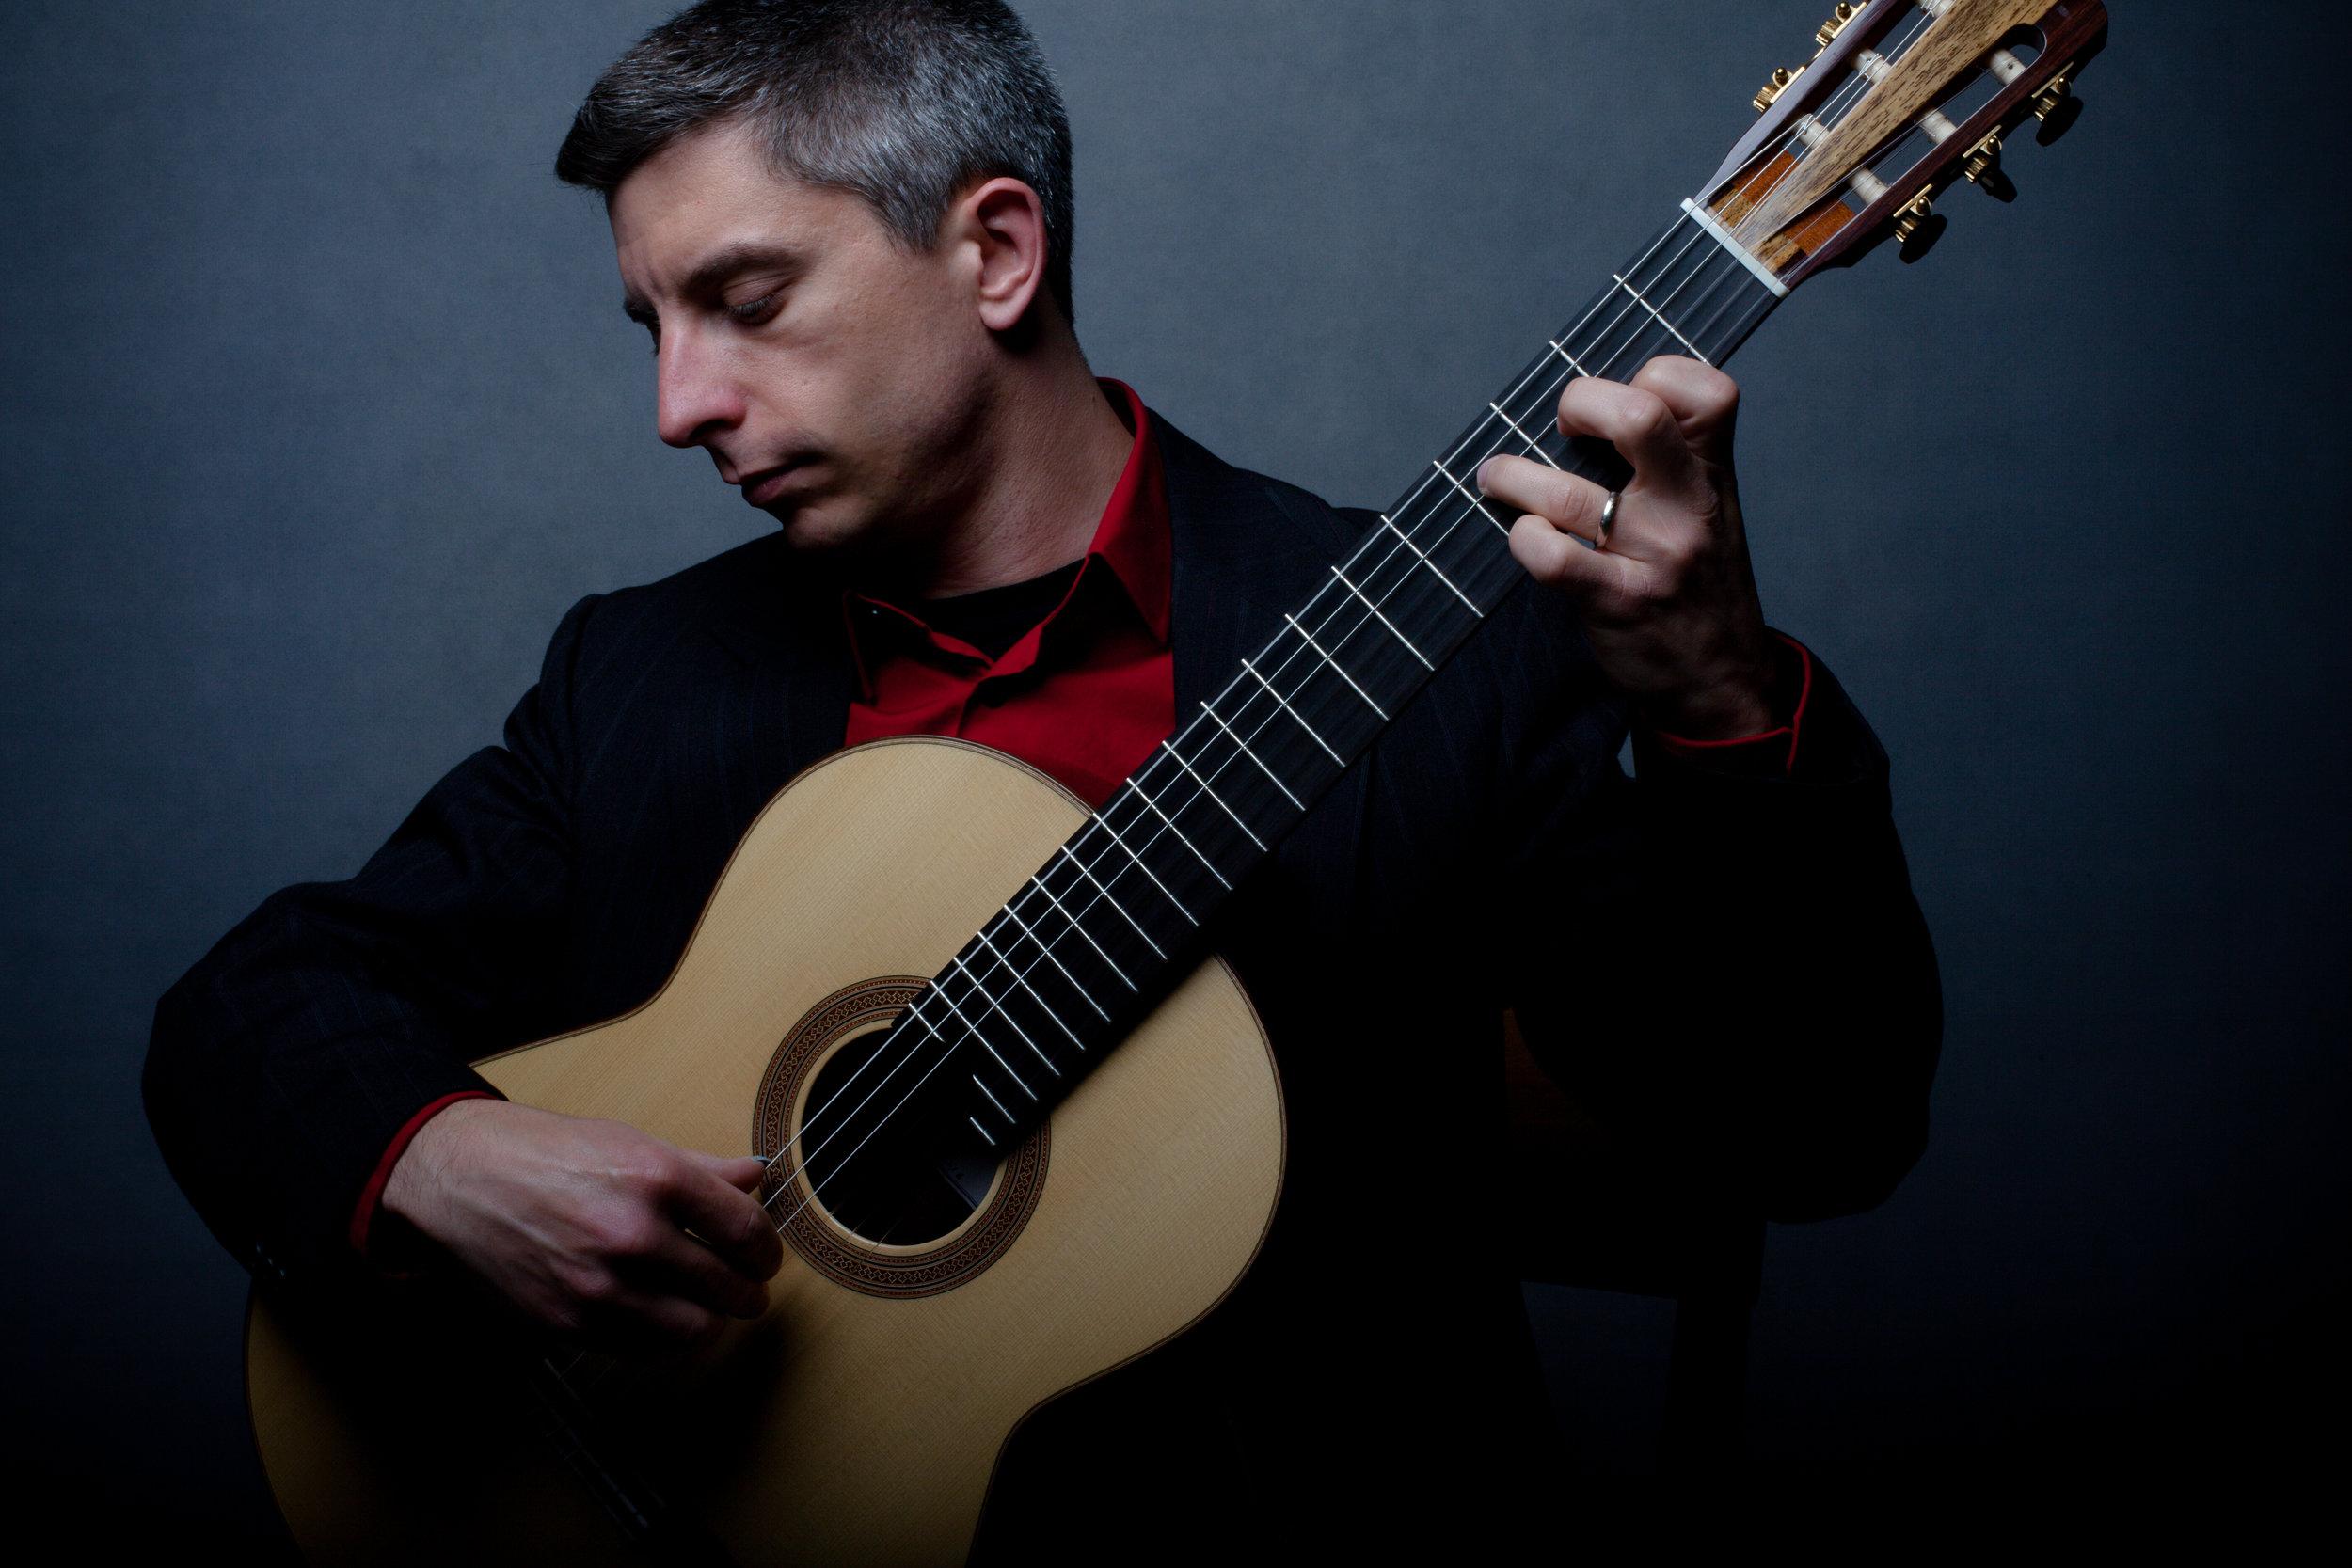 Kevin-J-Cope-playing-Douglass-Scott-Guitar-credit-Brian-Mengini.jpg